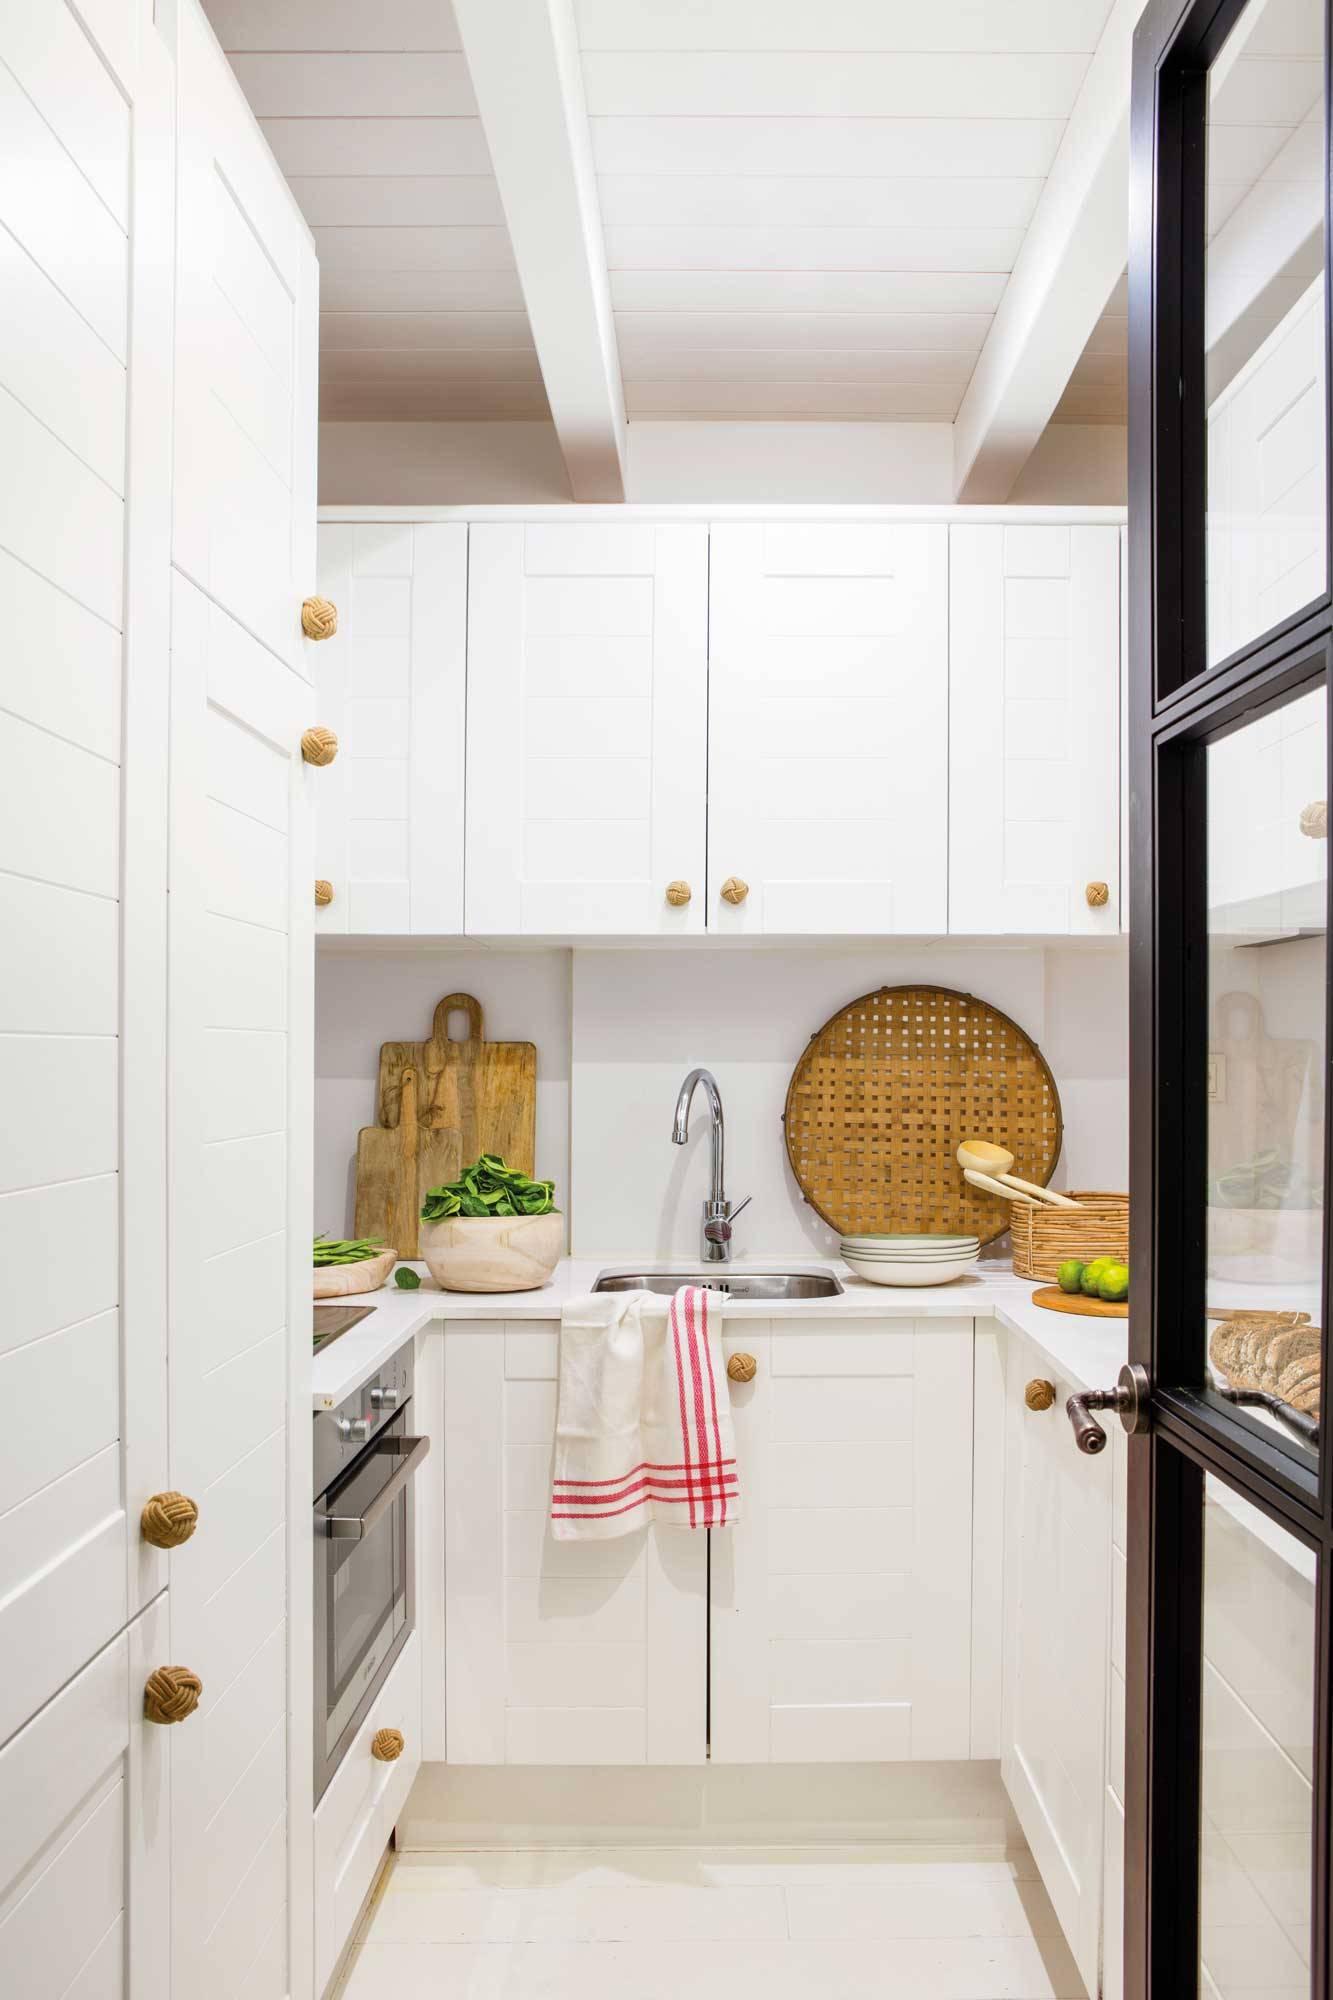 cocina-pequena-muebles-blanco-tirador 00508525. Tiradores en dorado